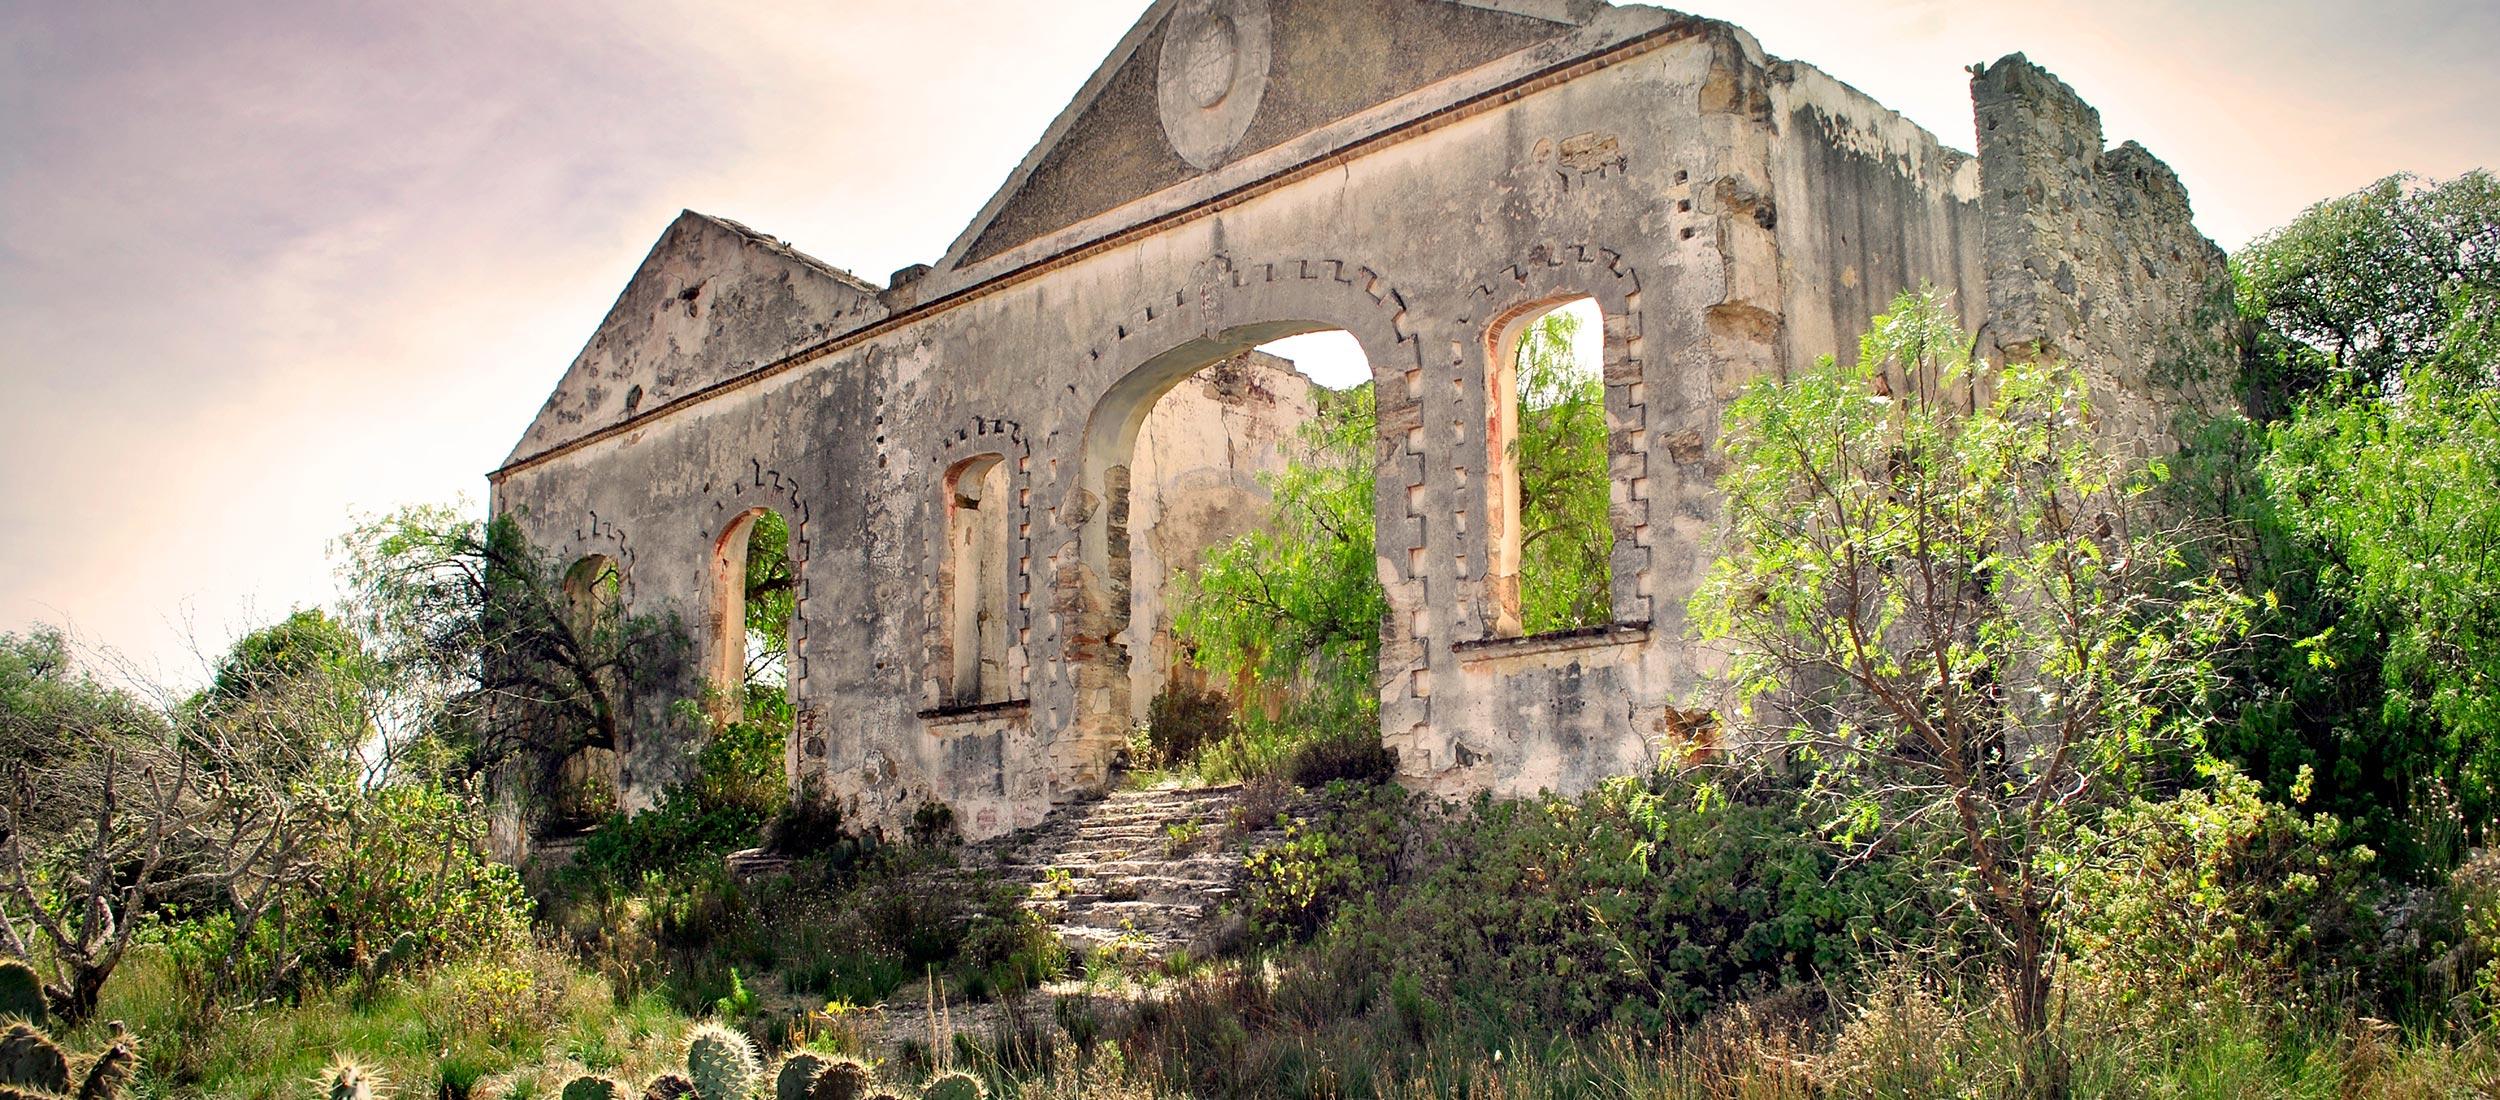 La Ruta de México, el Pueblo Mágico de Mineral de Pozos, Guanajuato